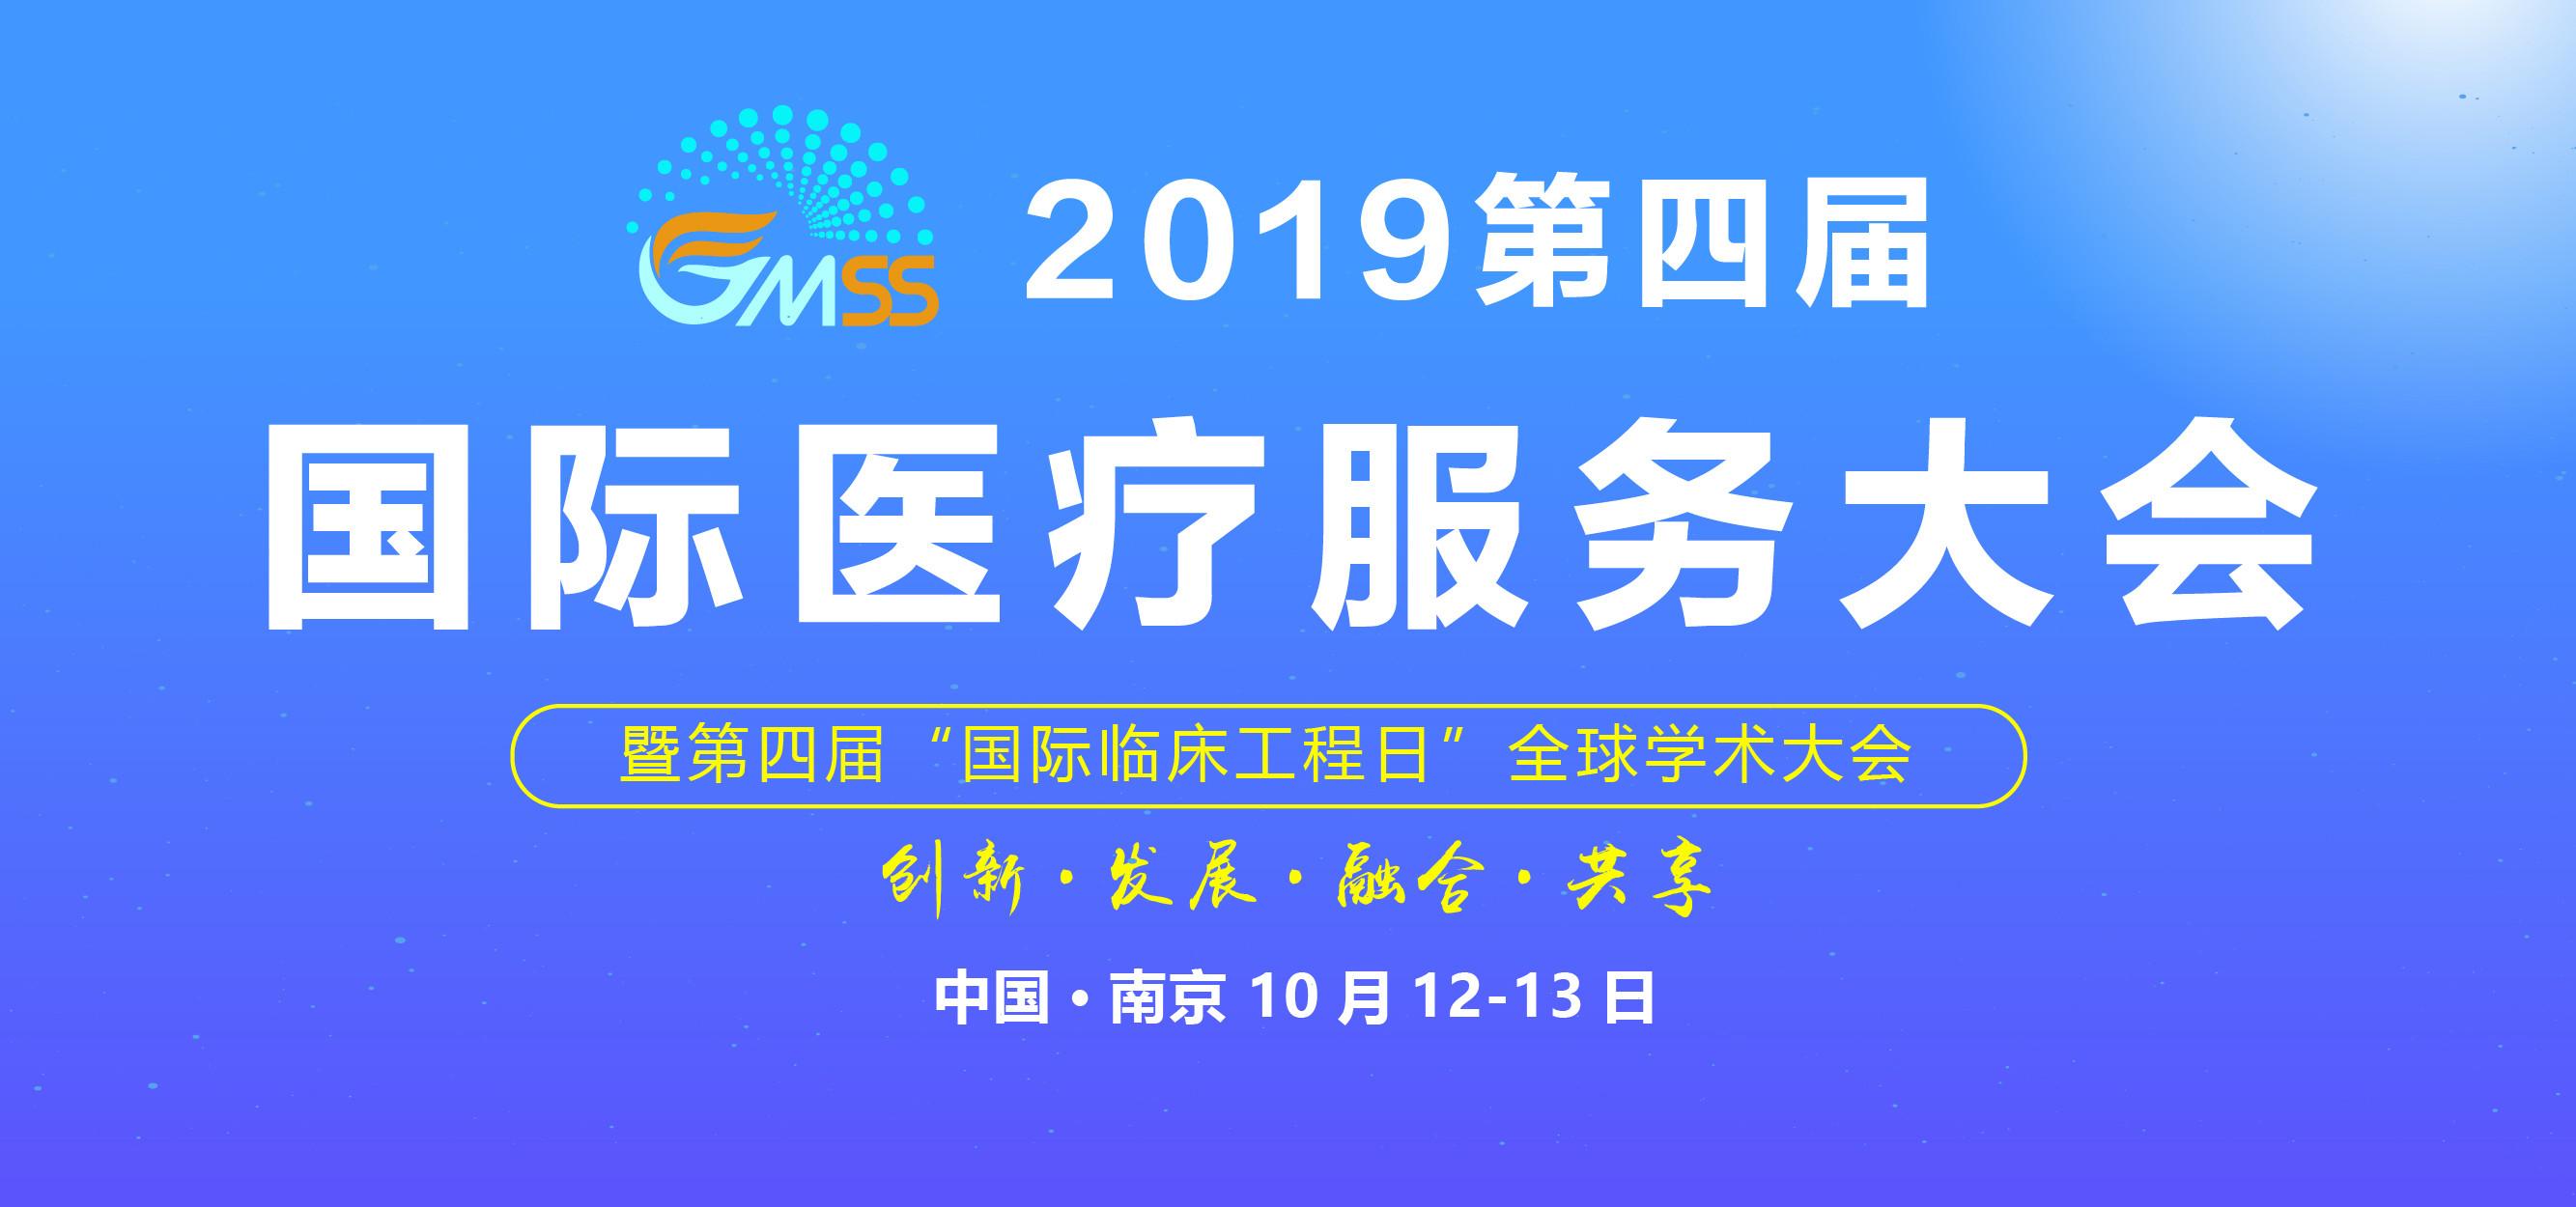 """2019国际医疗服务大会暨第四届""""国际临床工程日""""全球学术大会(南京)"""